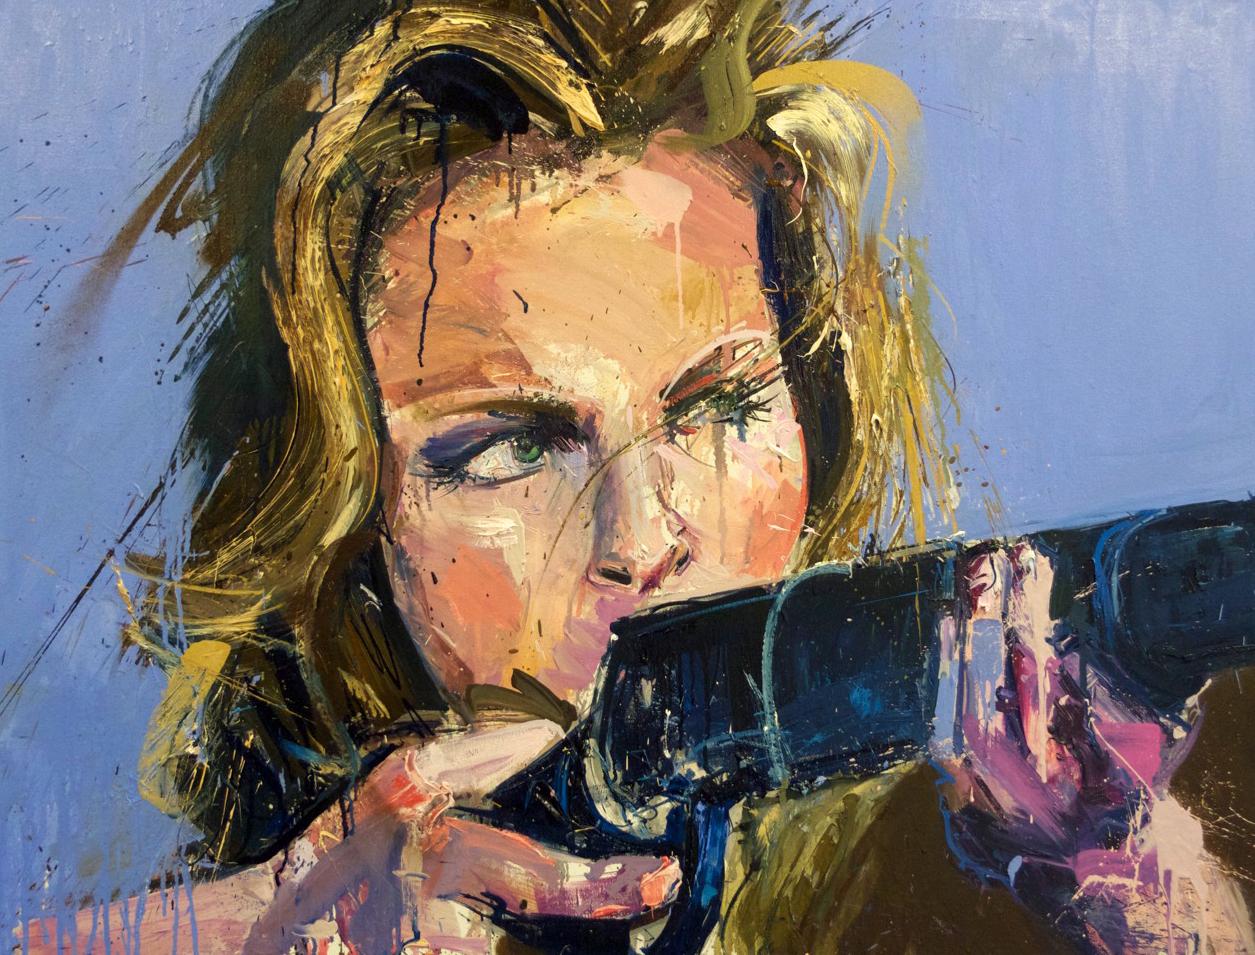 Dave White 'Americana' Exhibition 11 - 30 April 2011